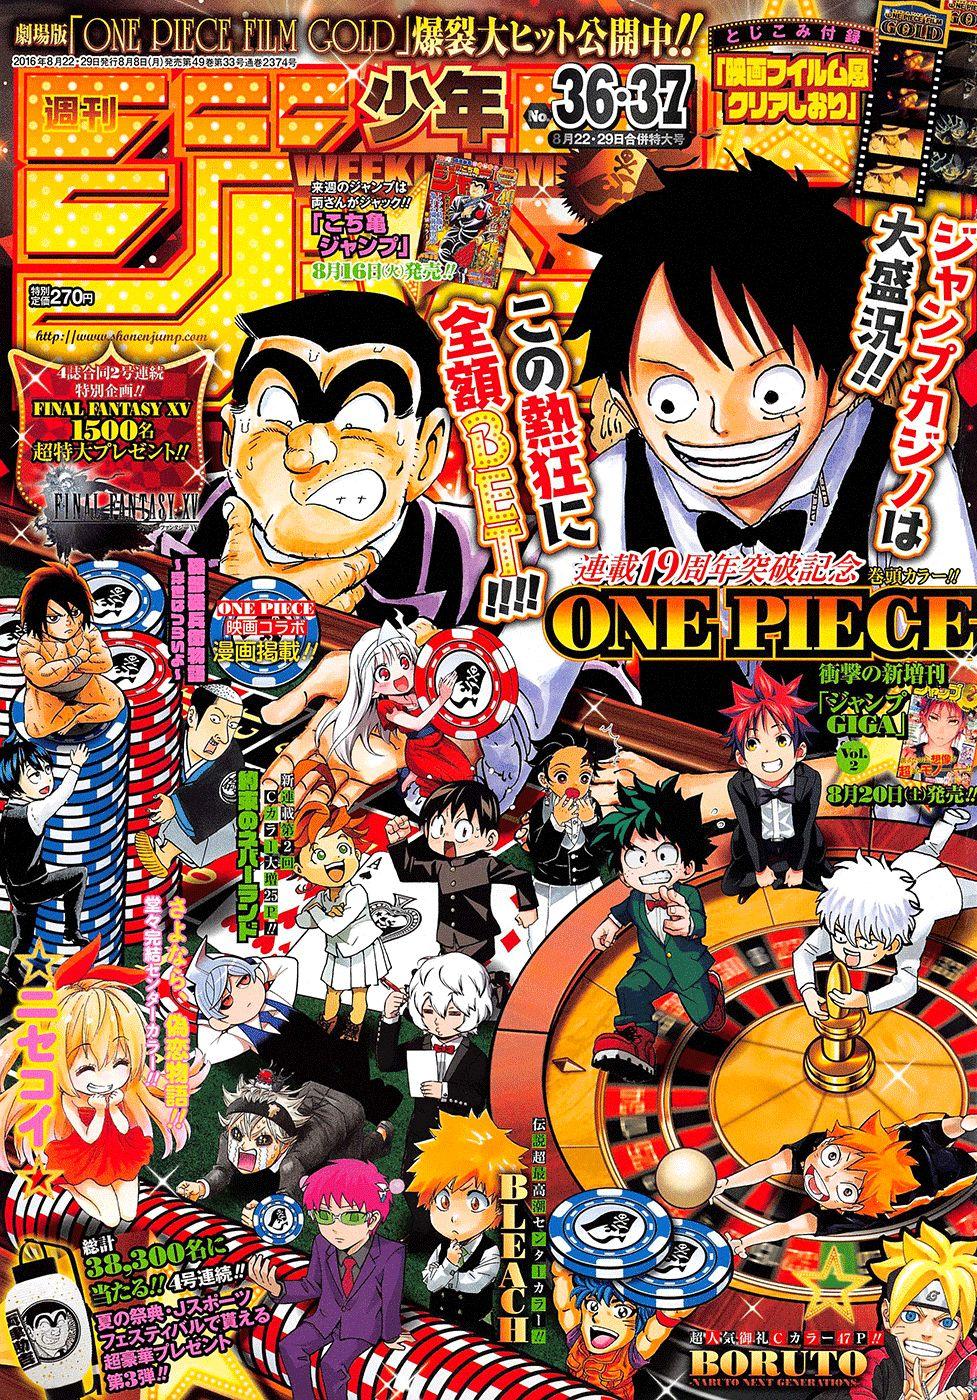 http://c5.ninemanga.com/es_manga/50/114/487780/86cb1b154f5e5fc889a3fcb0b7ebc42a.jpg Page 1